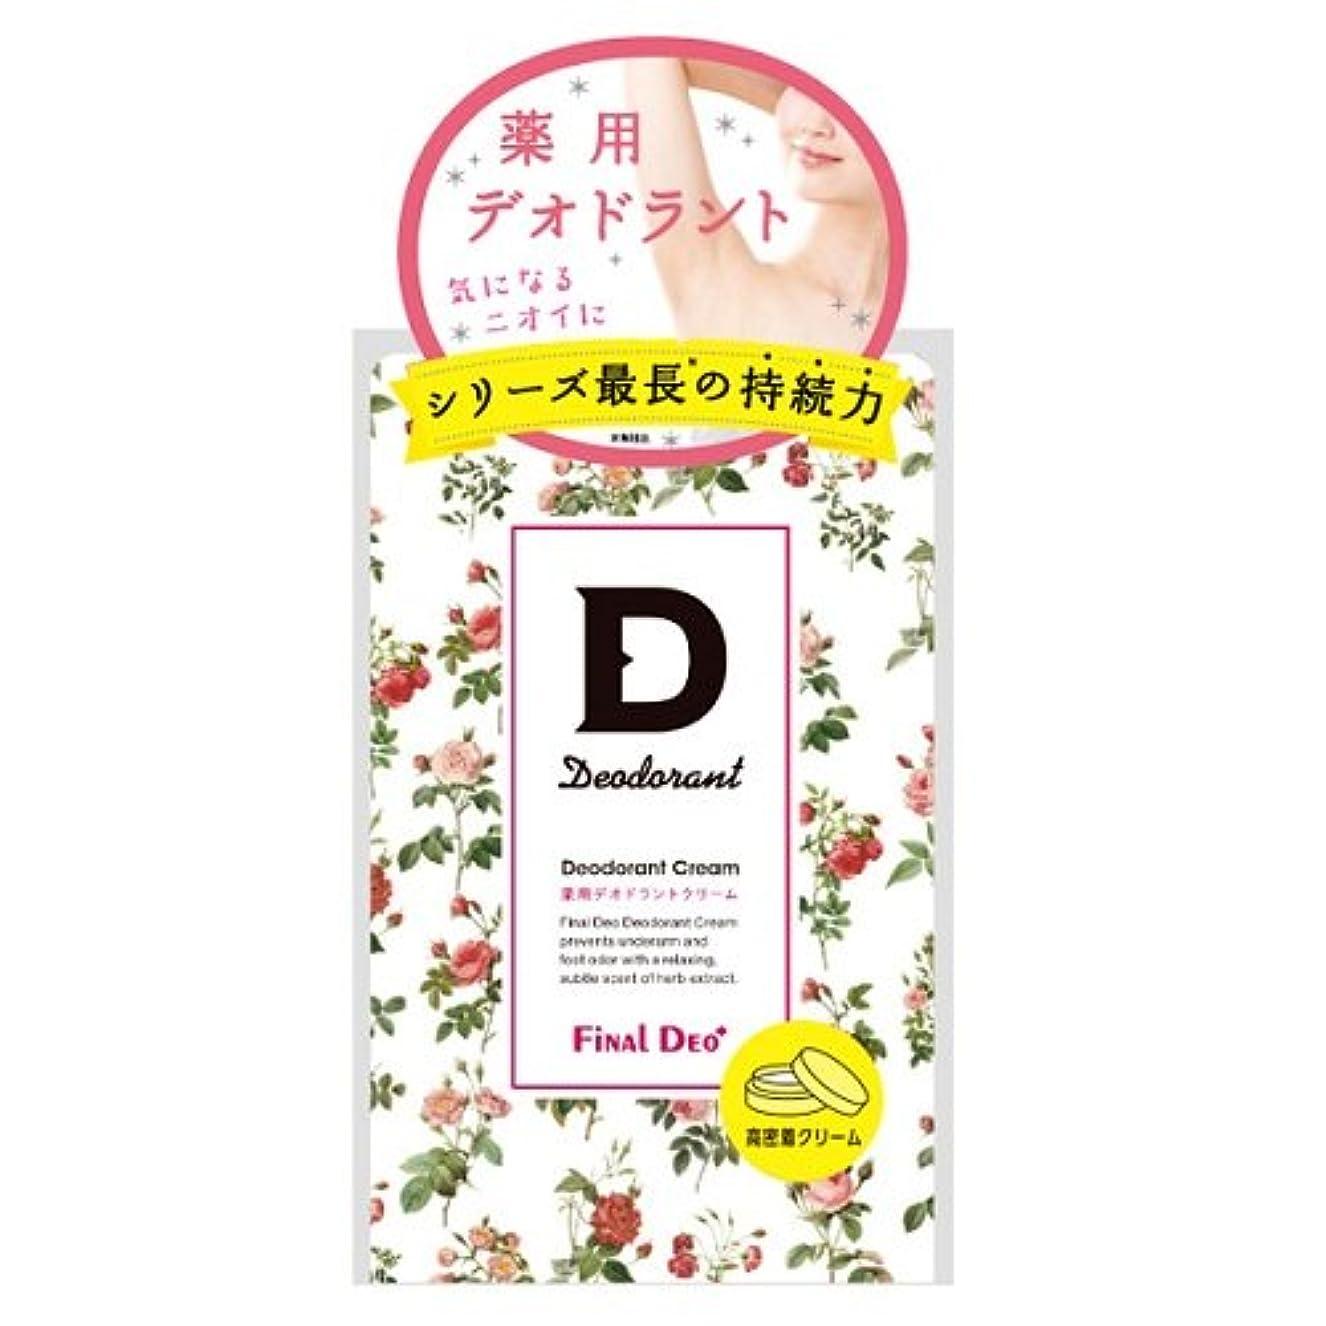 ときわ商会 薬用デオドラントクリーム ファイナルデオプラス 10g